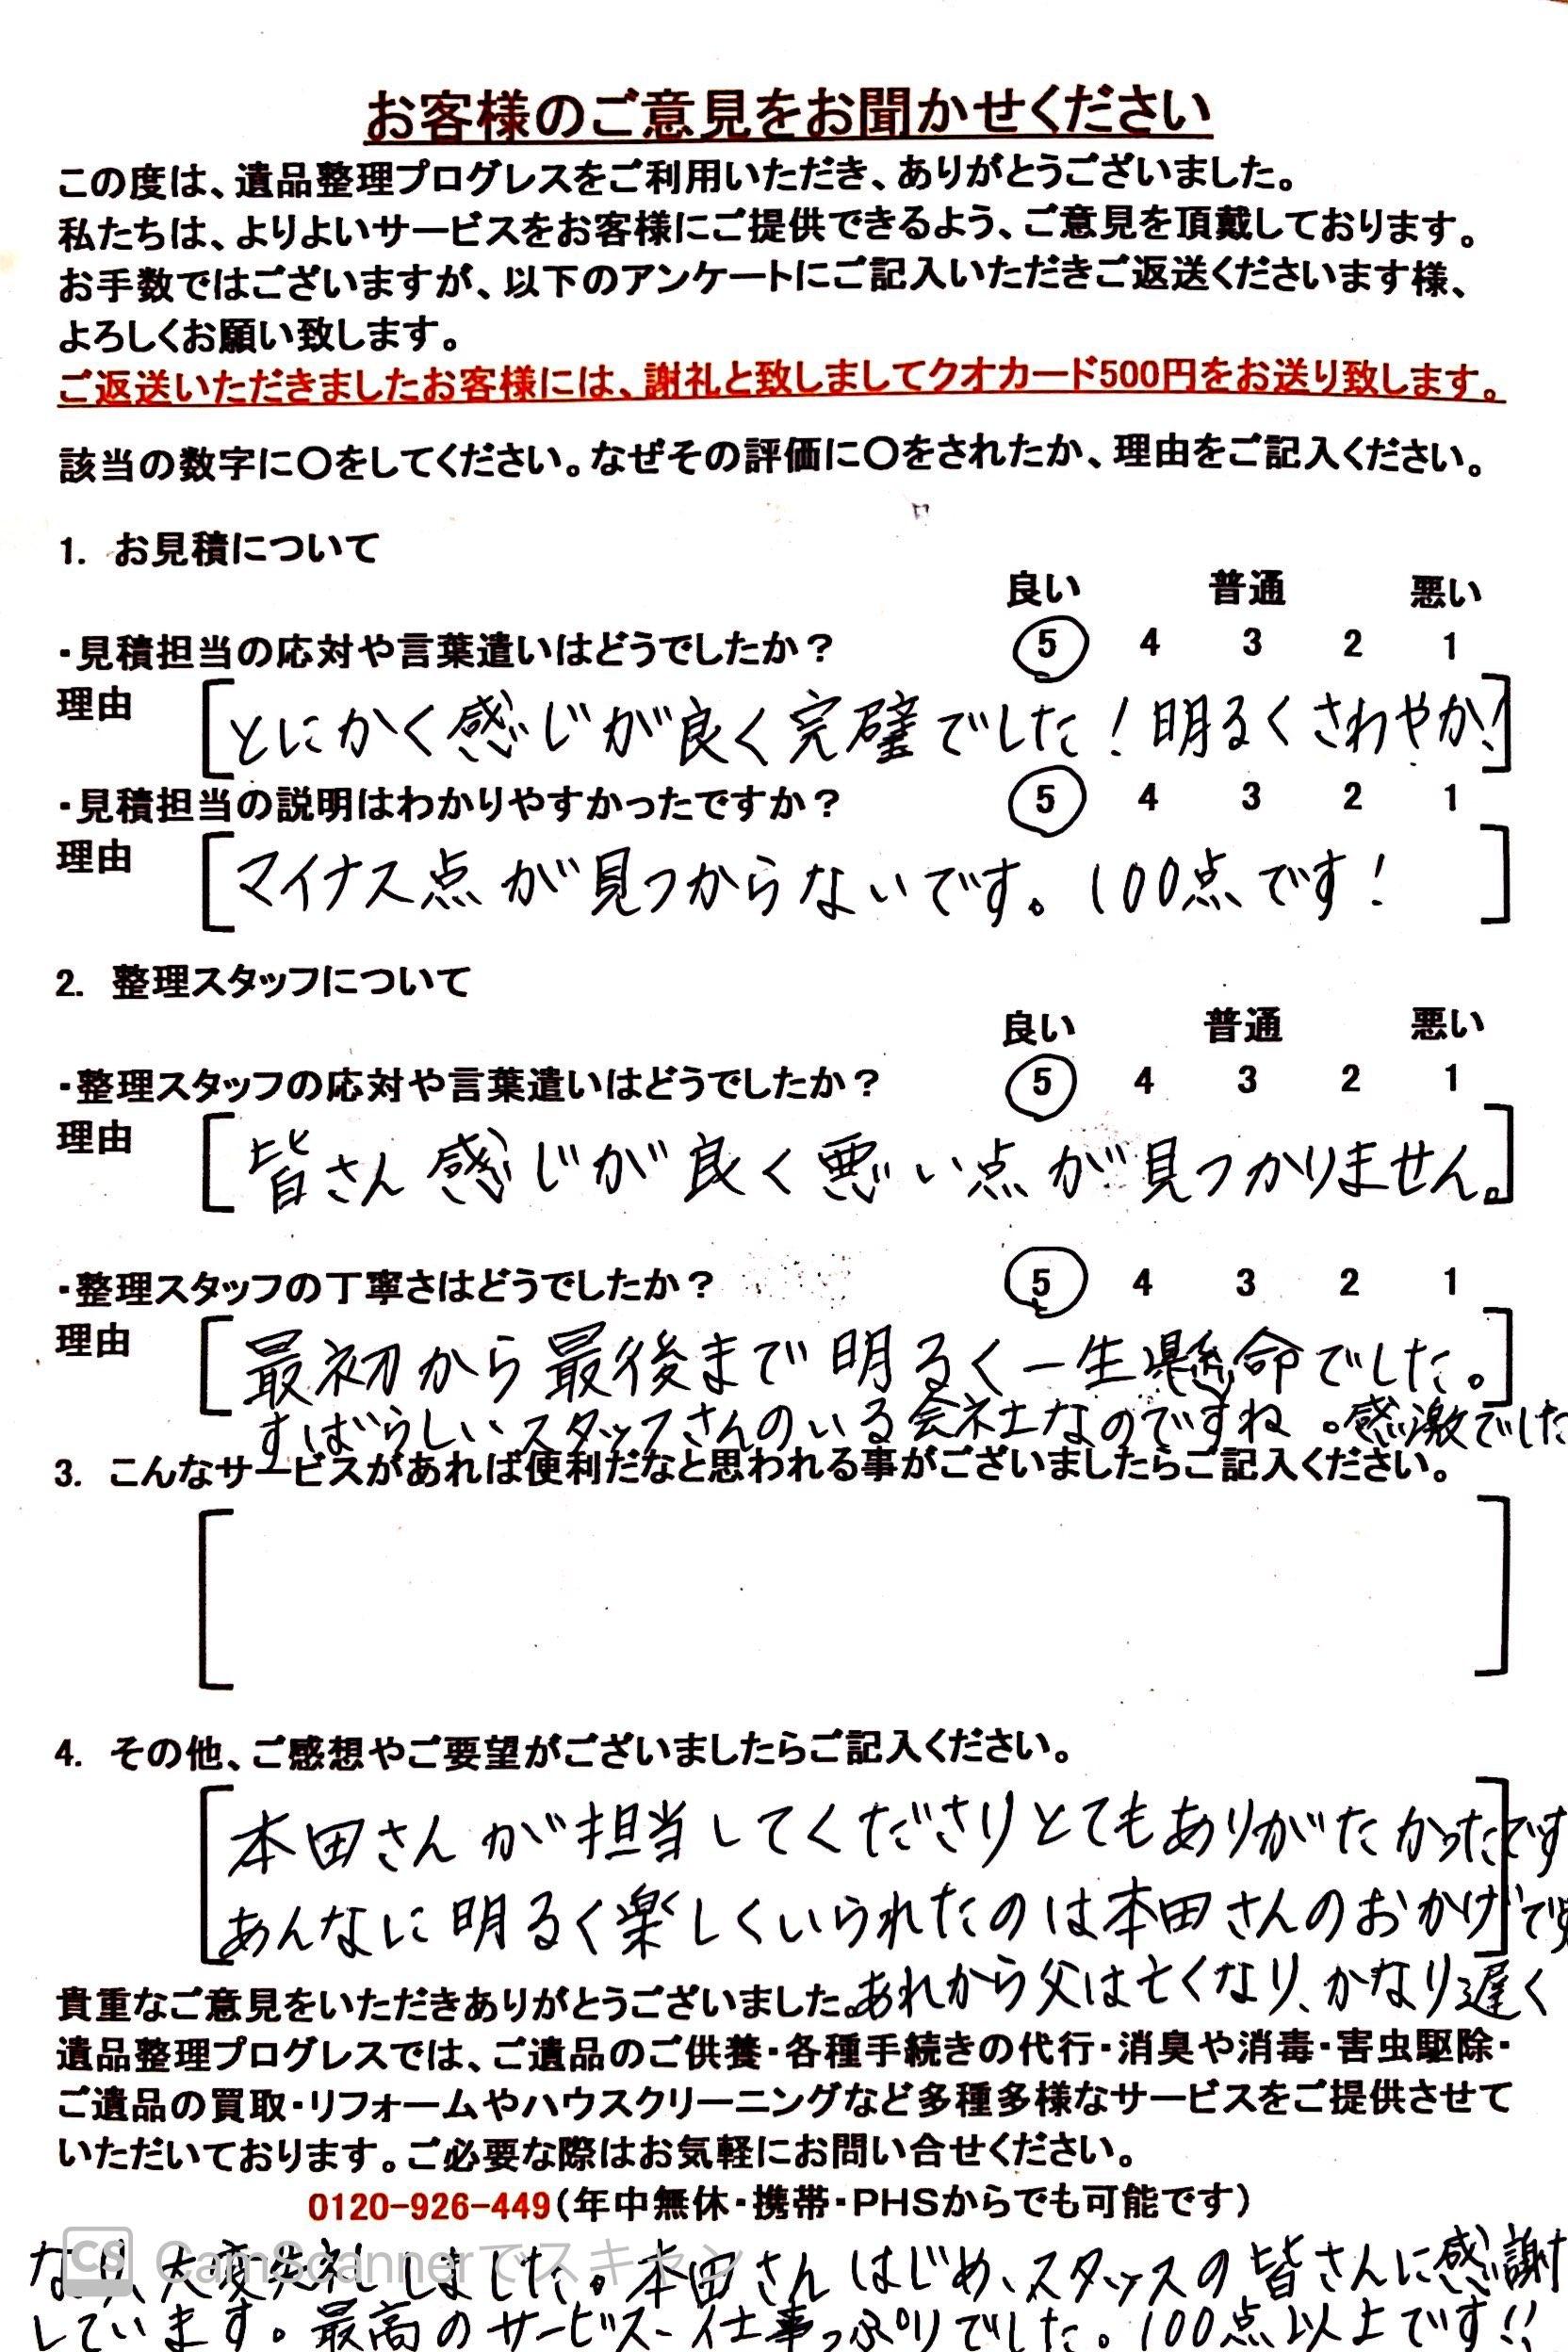 東京都世田谷区 K・E様のアンケート用紙